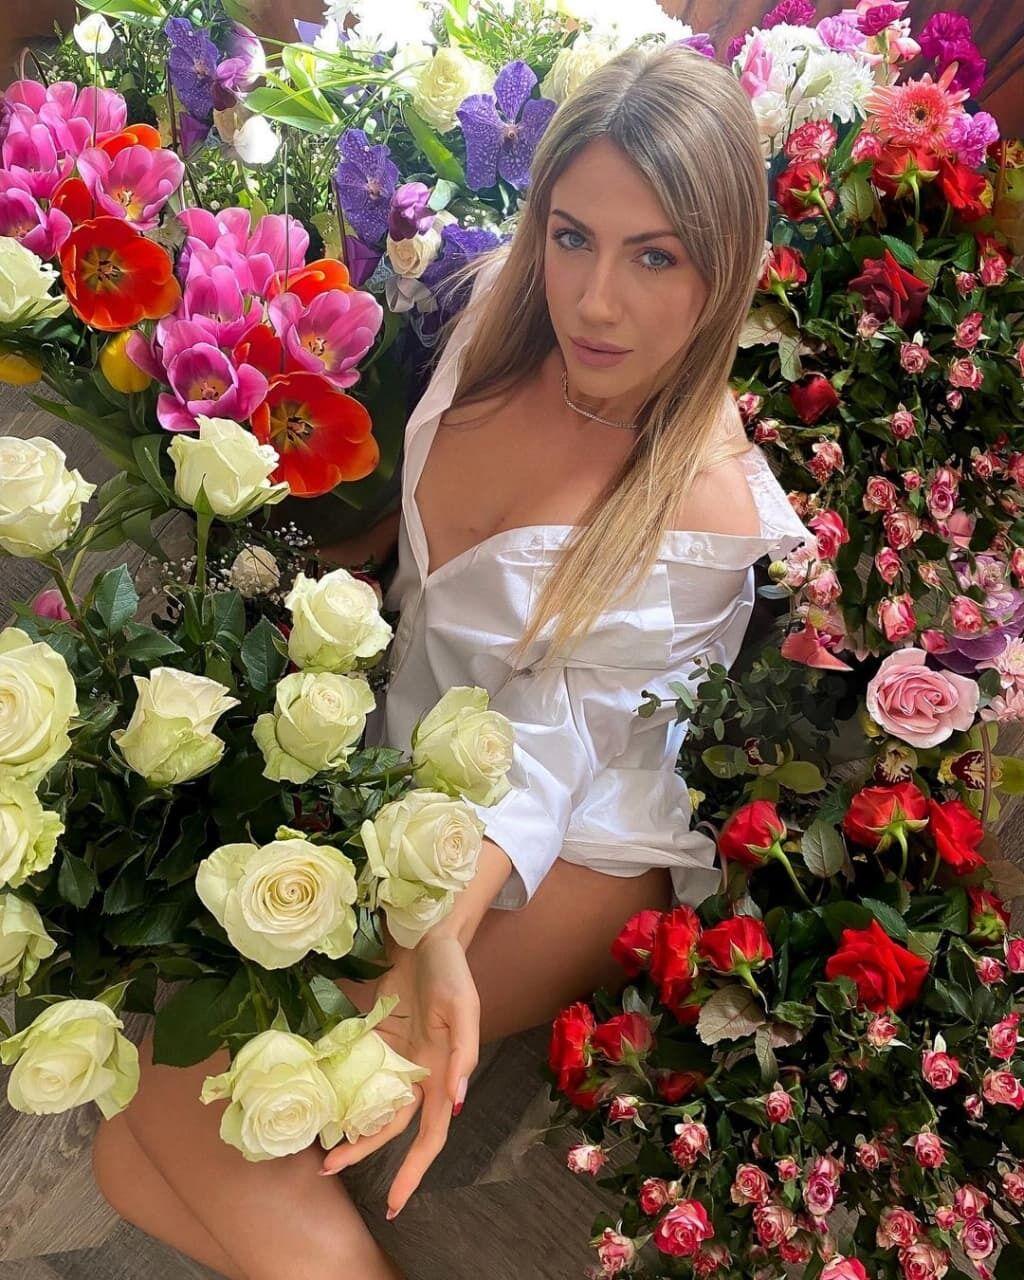 Никитюк в сексуальном наряде похвасталась весенними подарками